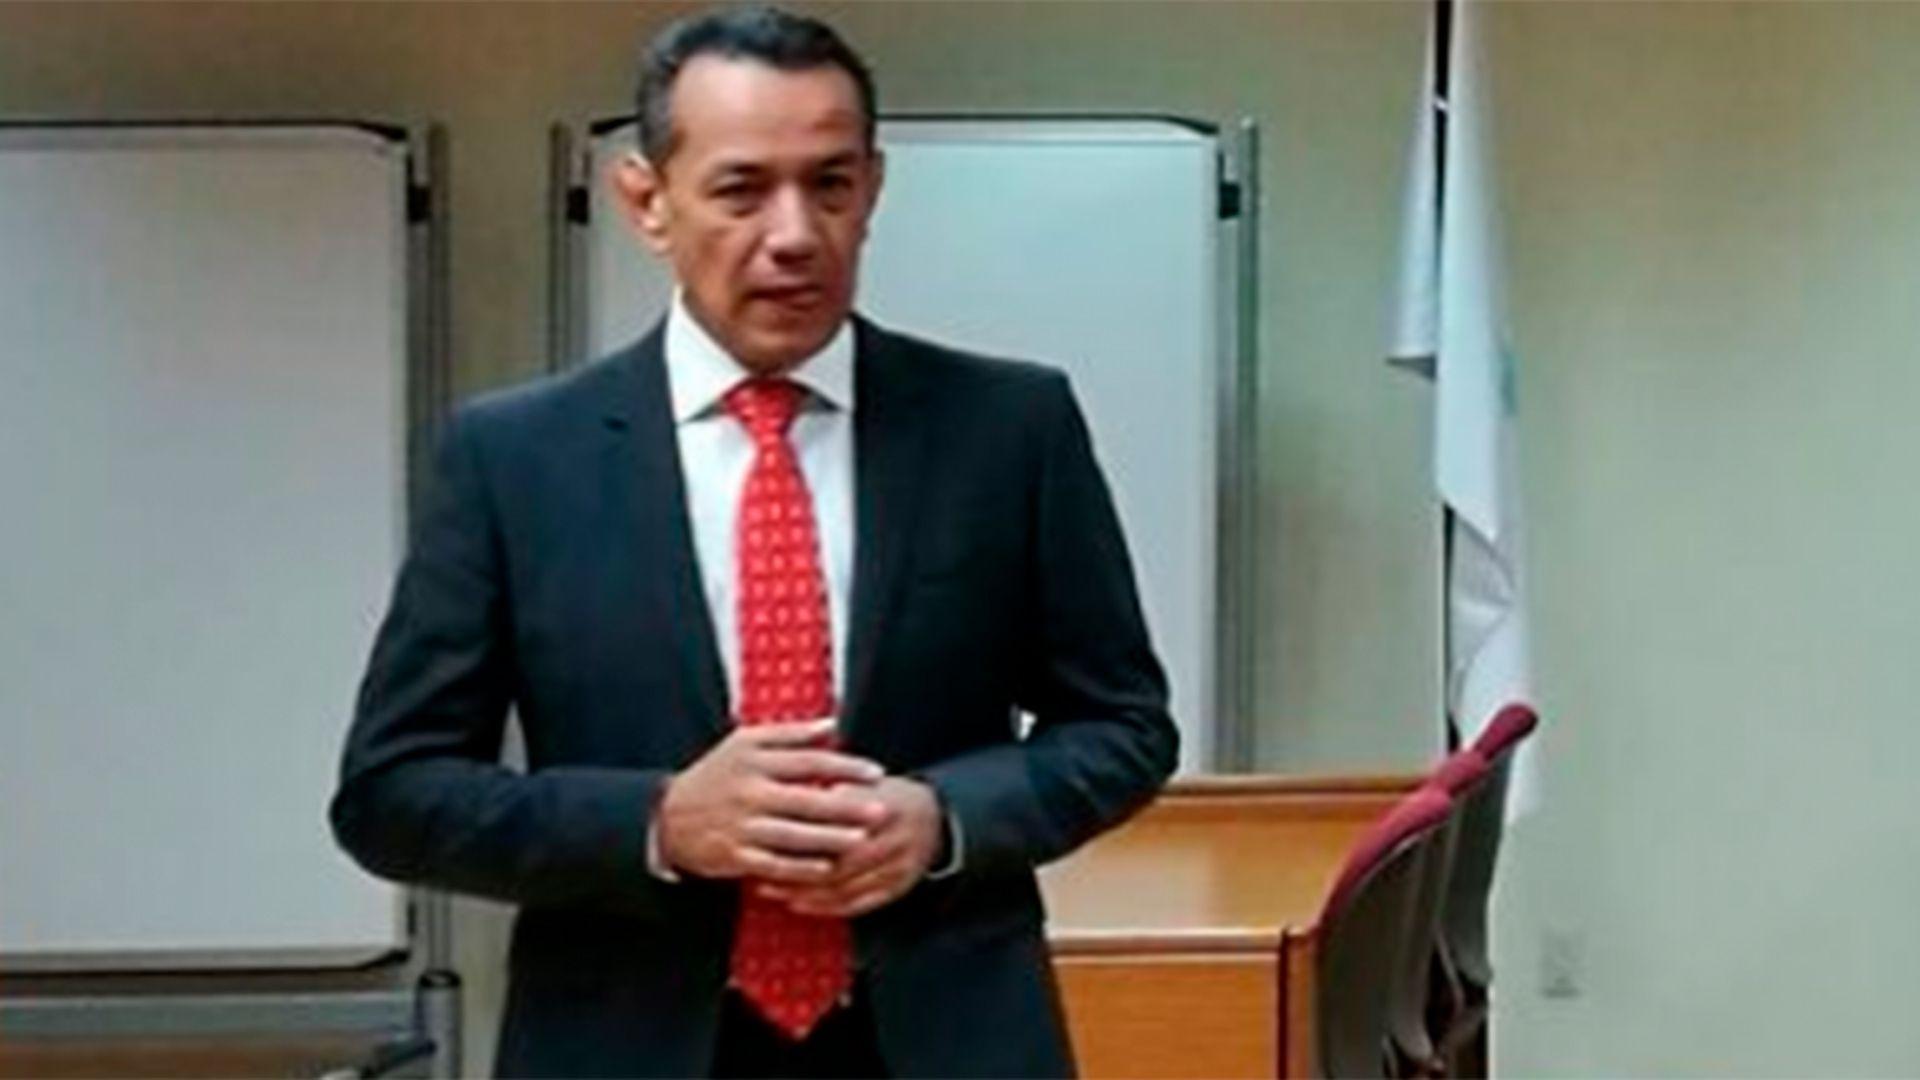 Pedro Antonio Enriquez, ex presidente del Tribunal Superior de Justicia de Nayarit, encarcelado por presunto fraude contra 60,000 derechohabientes del Infonavit (Foto: Especial)